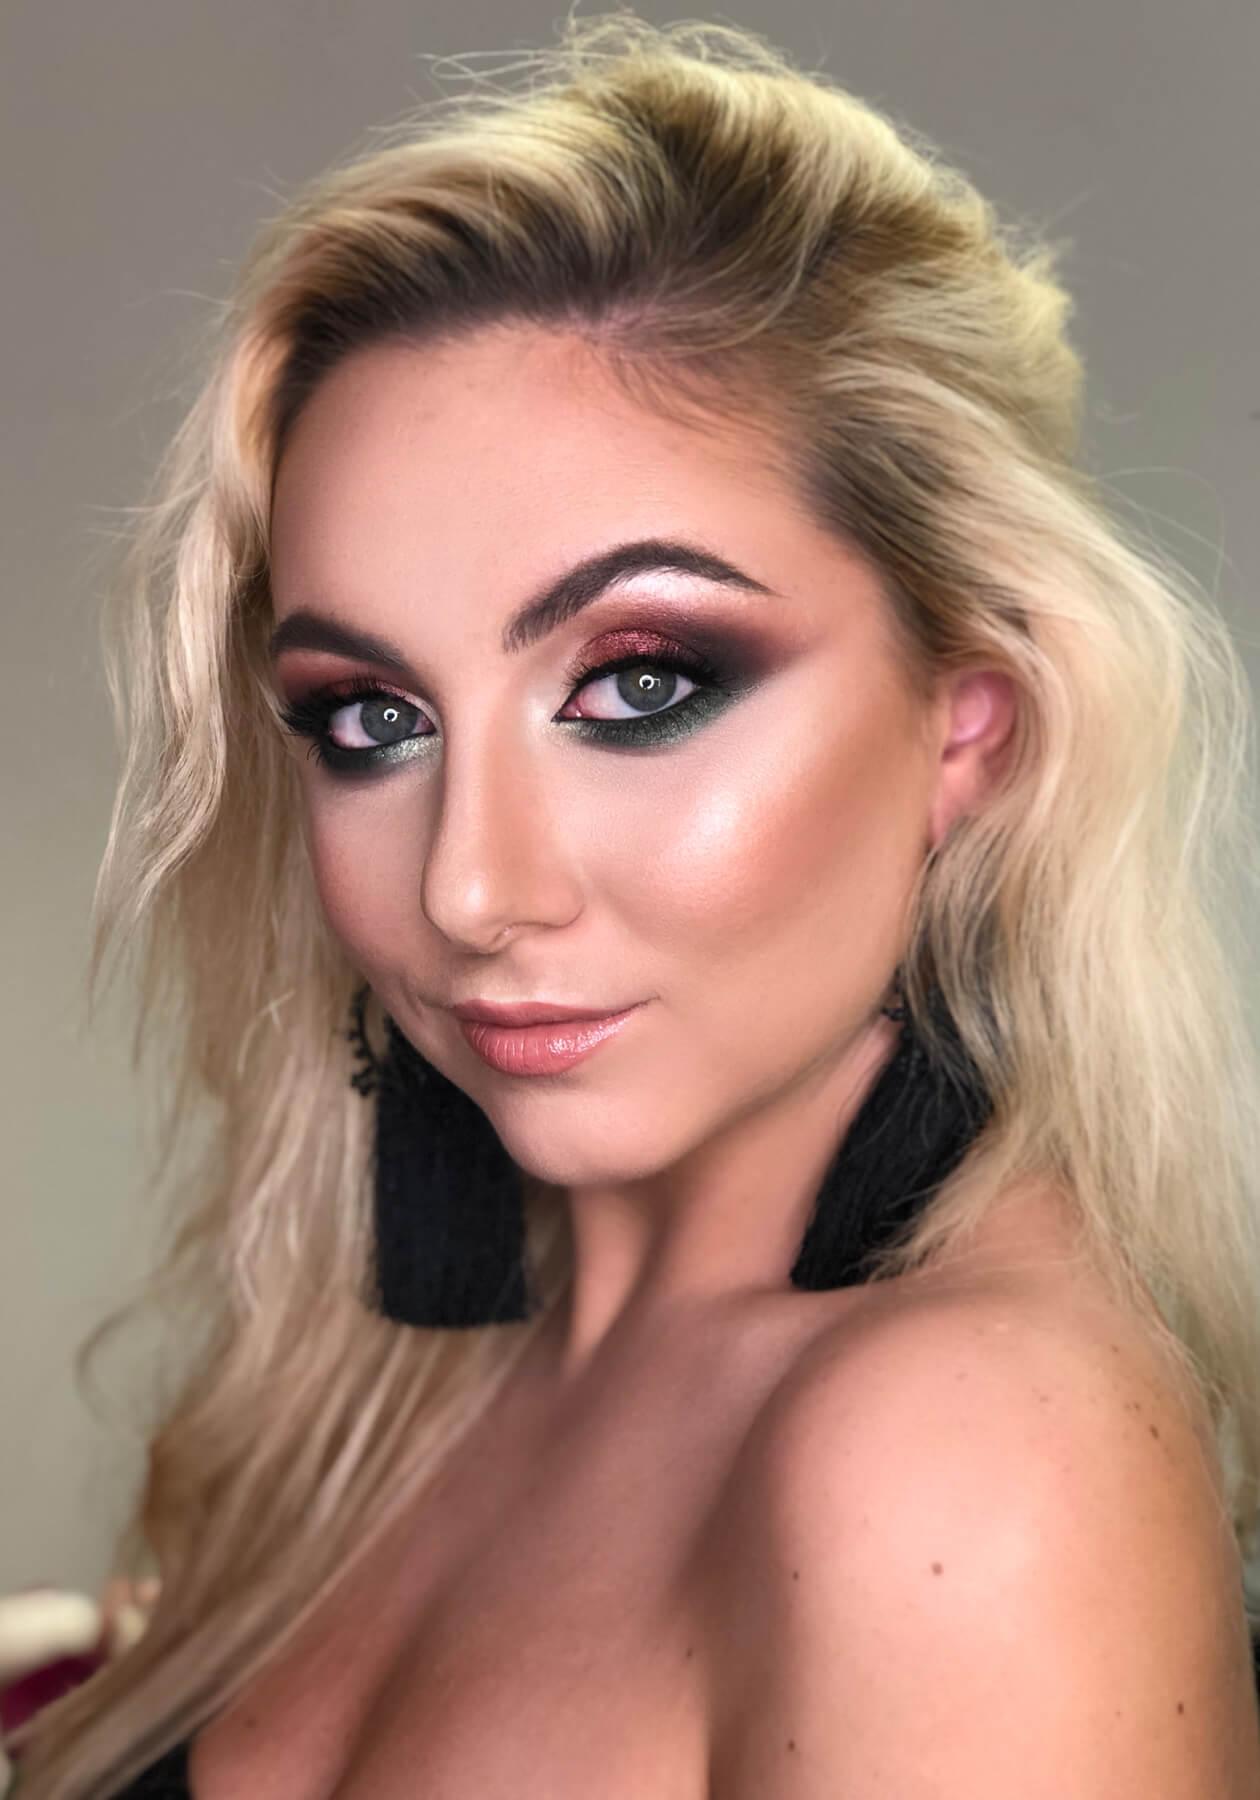 Блондинка с вечерним макияжем и большими черными серьгами смотрит в камеру